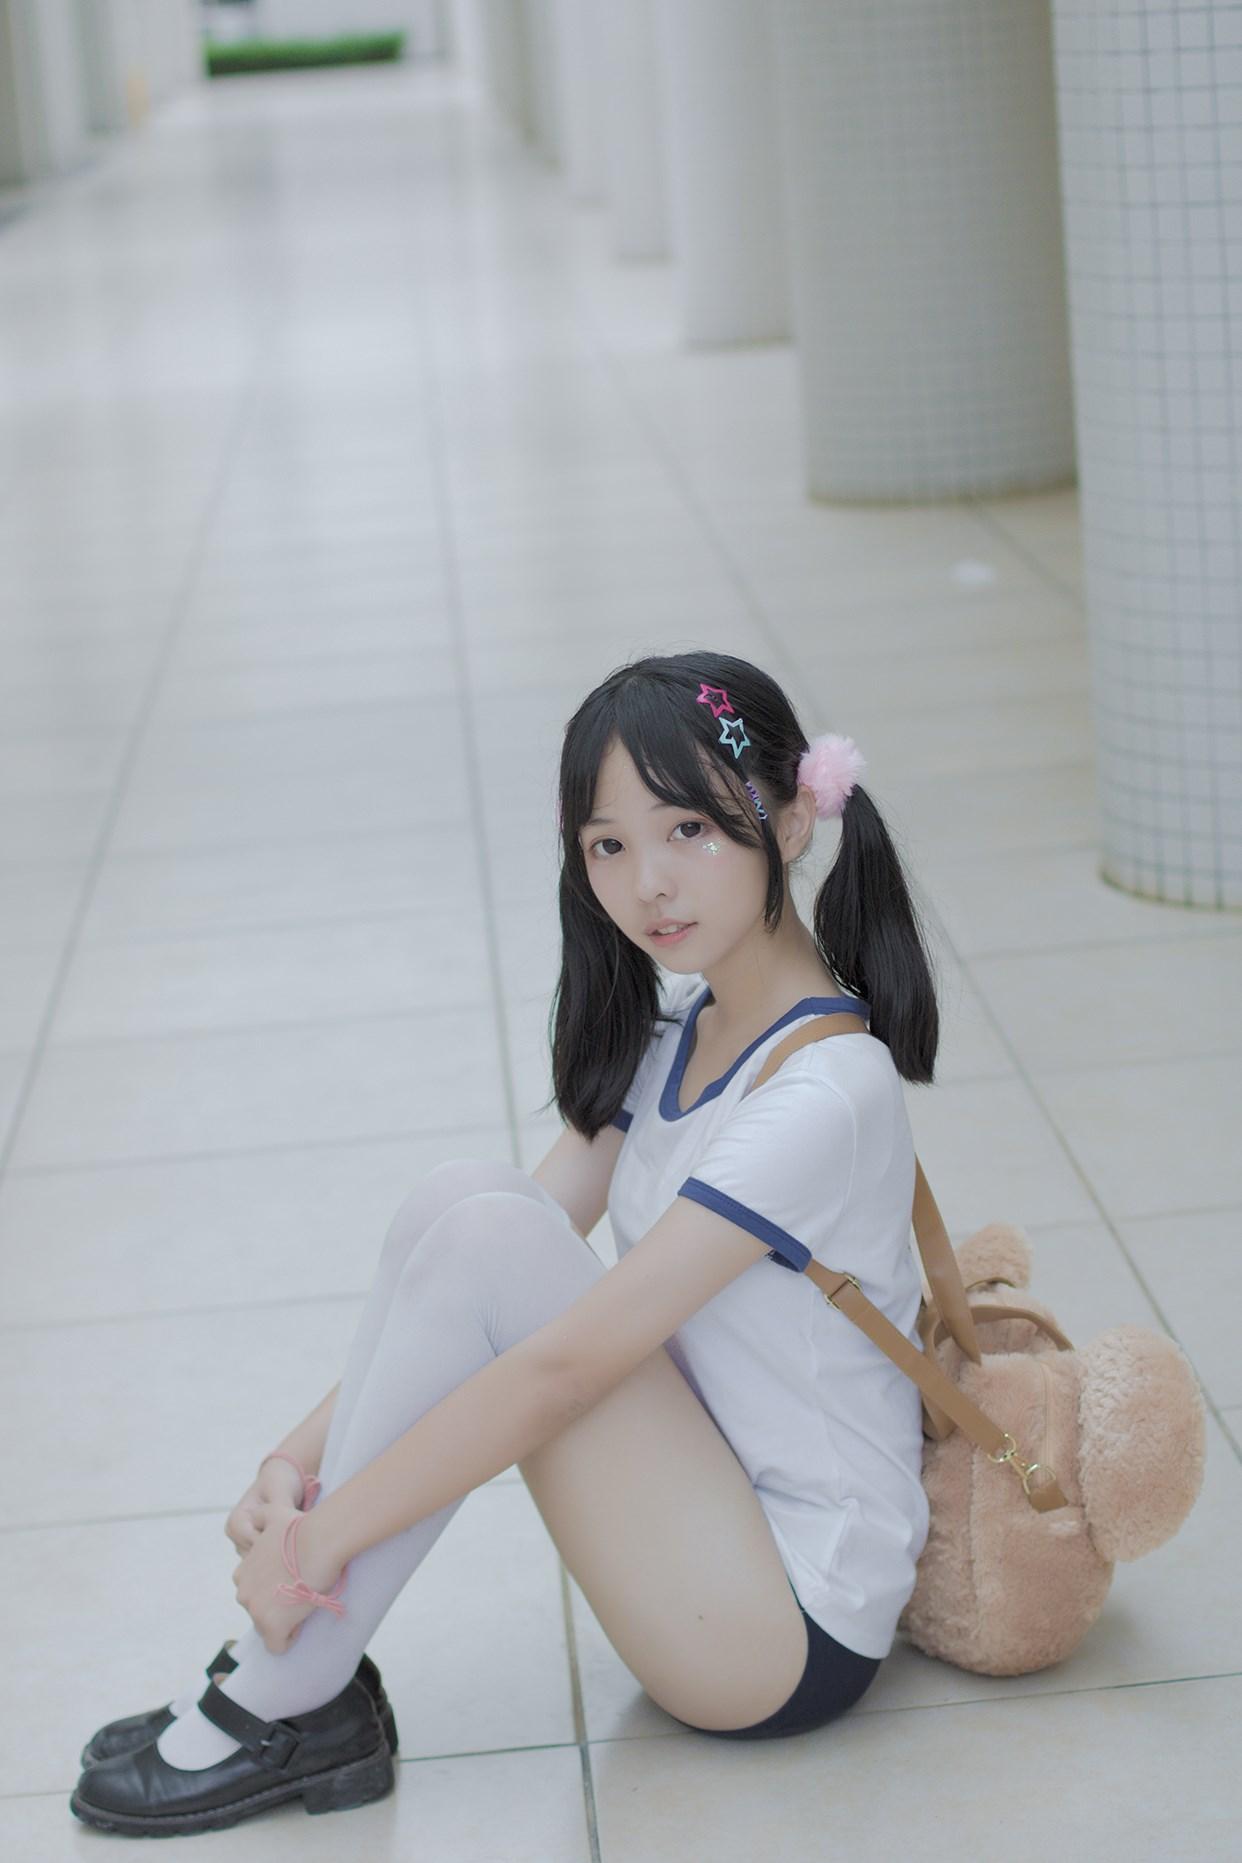 【兔玩映画】萝莉的体操服 兔玩映画 第40张